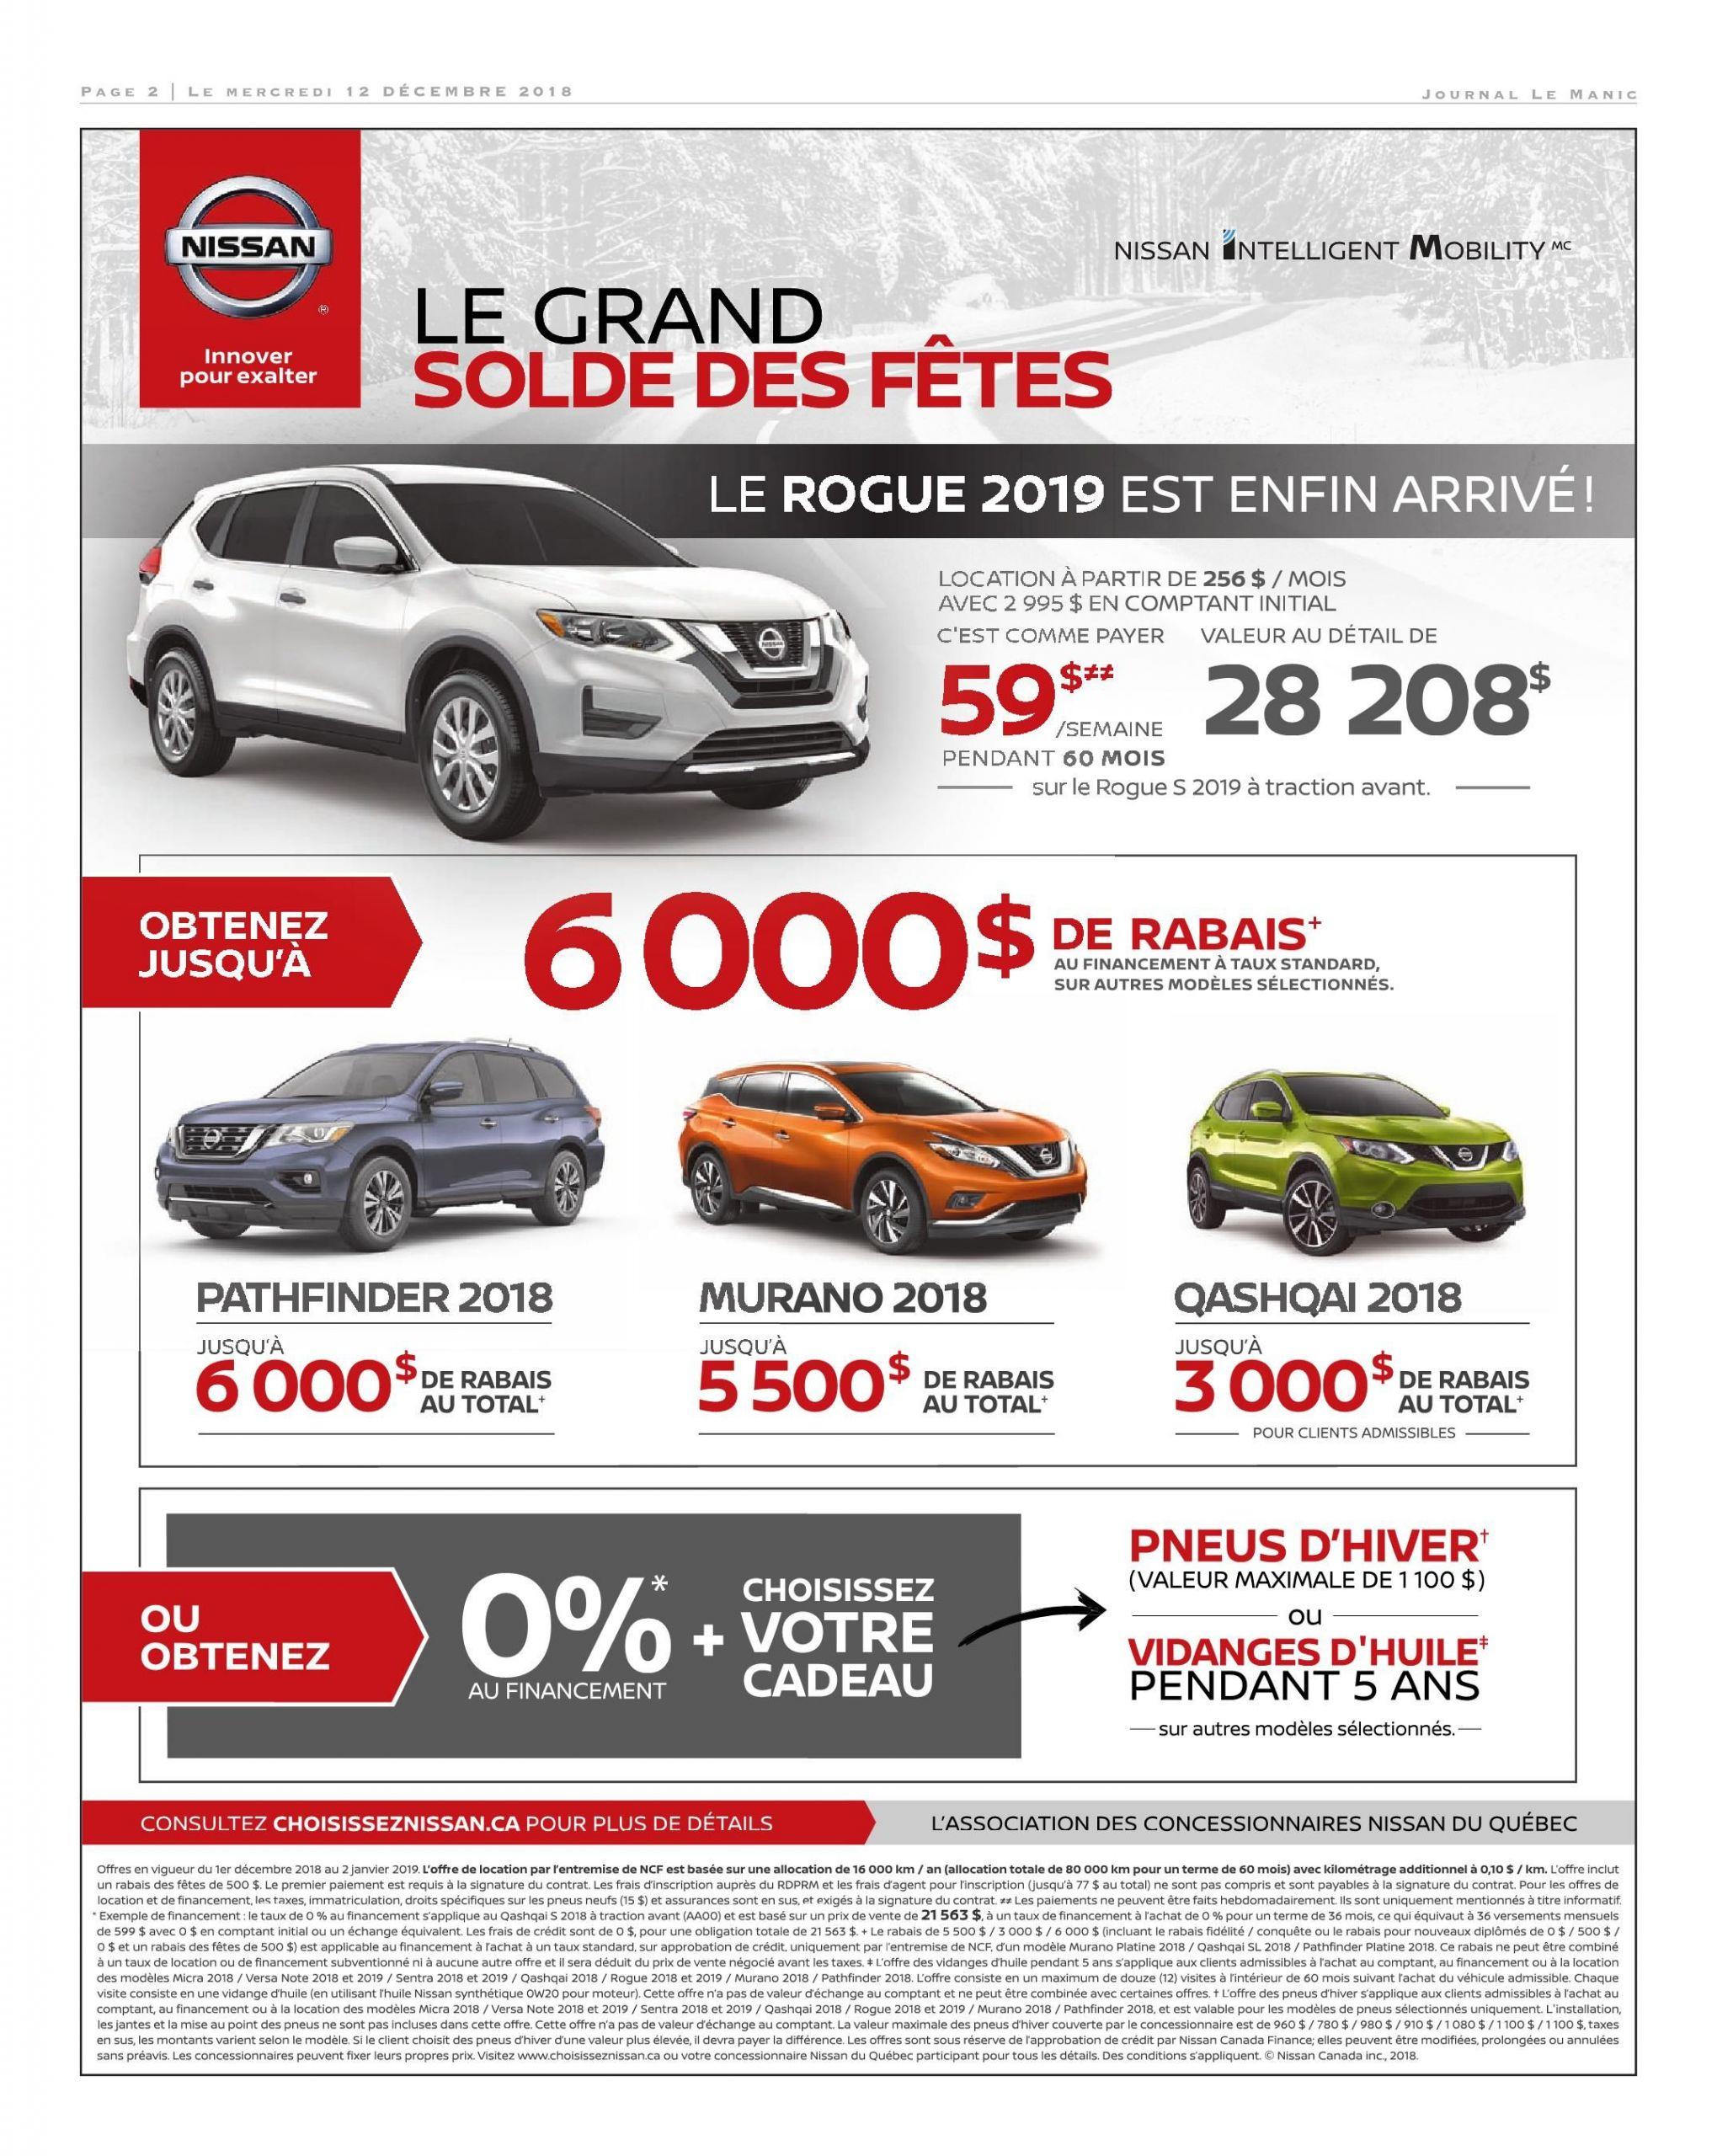 Leclerc Le Plus Proche Luxe Le Manic 12 Décembre 2018 Pages 1 48 Text Version Of 27 Beau Leclerc Le Plus Proche